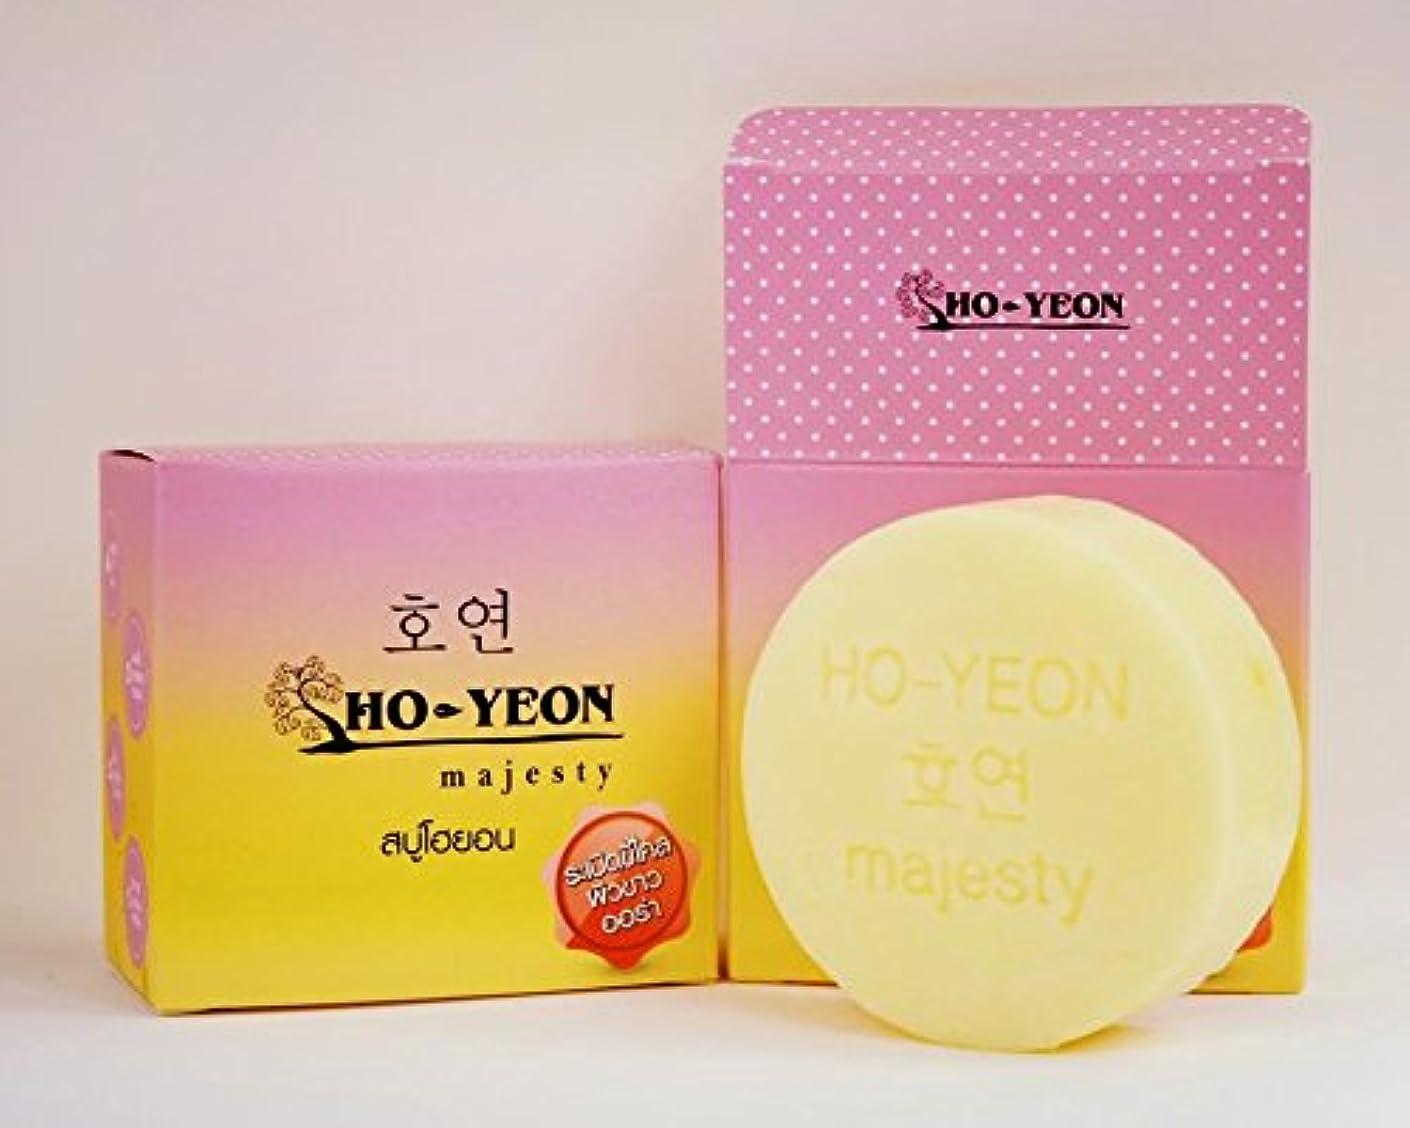 インタラクション着替える被る1 X Natural Herbal Whitening Soap. Soap Yeon Ho-yeon the HO (80 grams) Free shipping